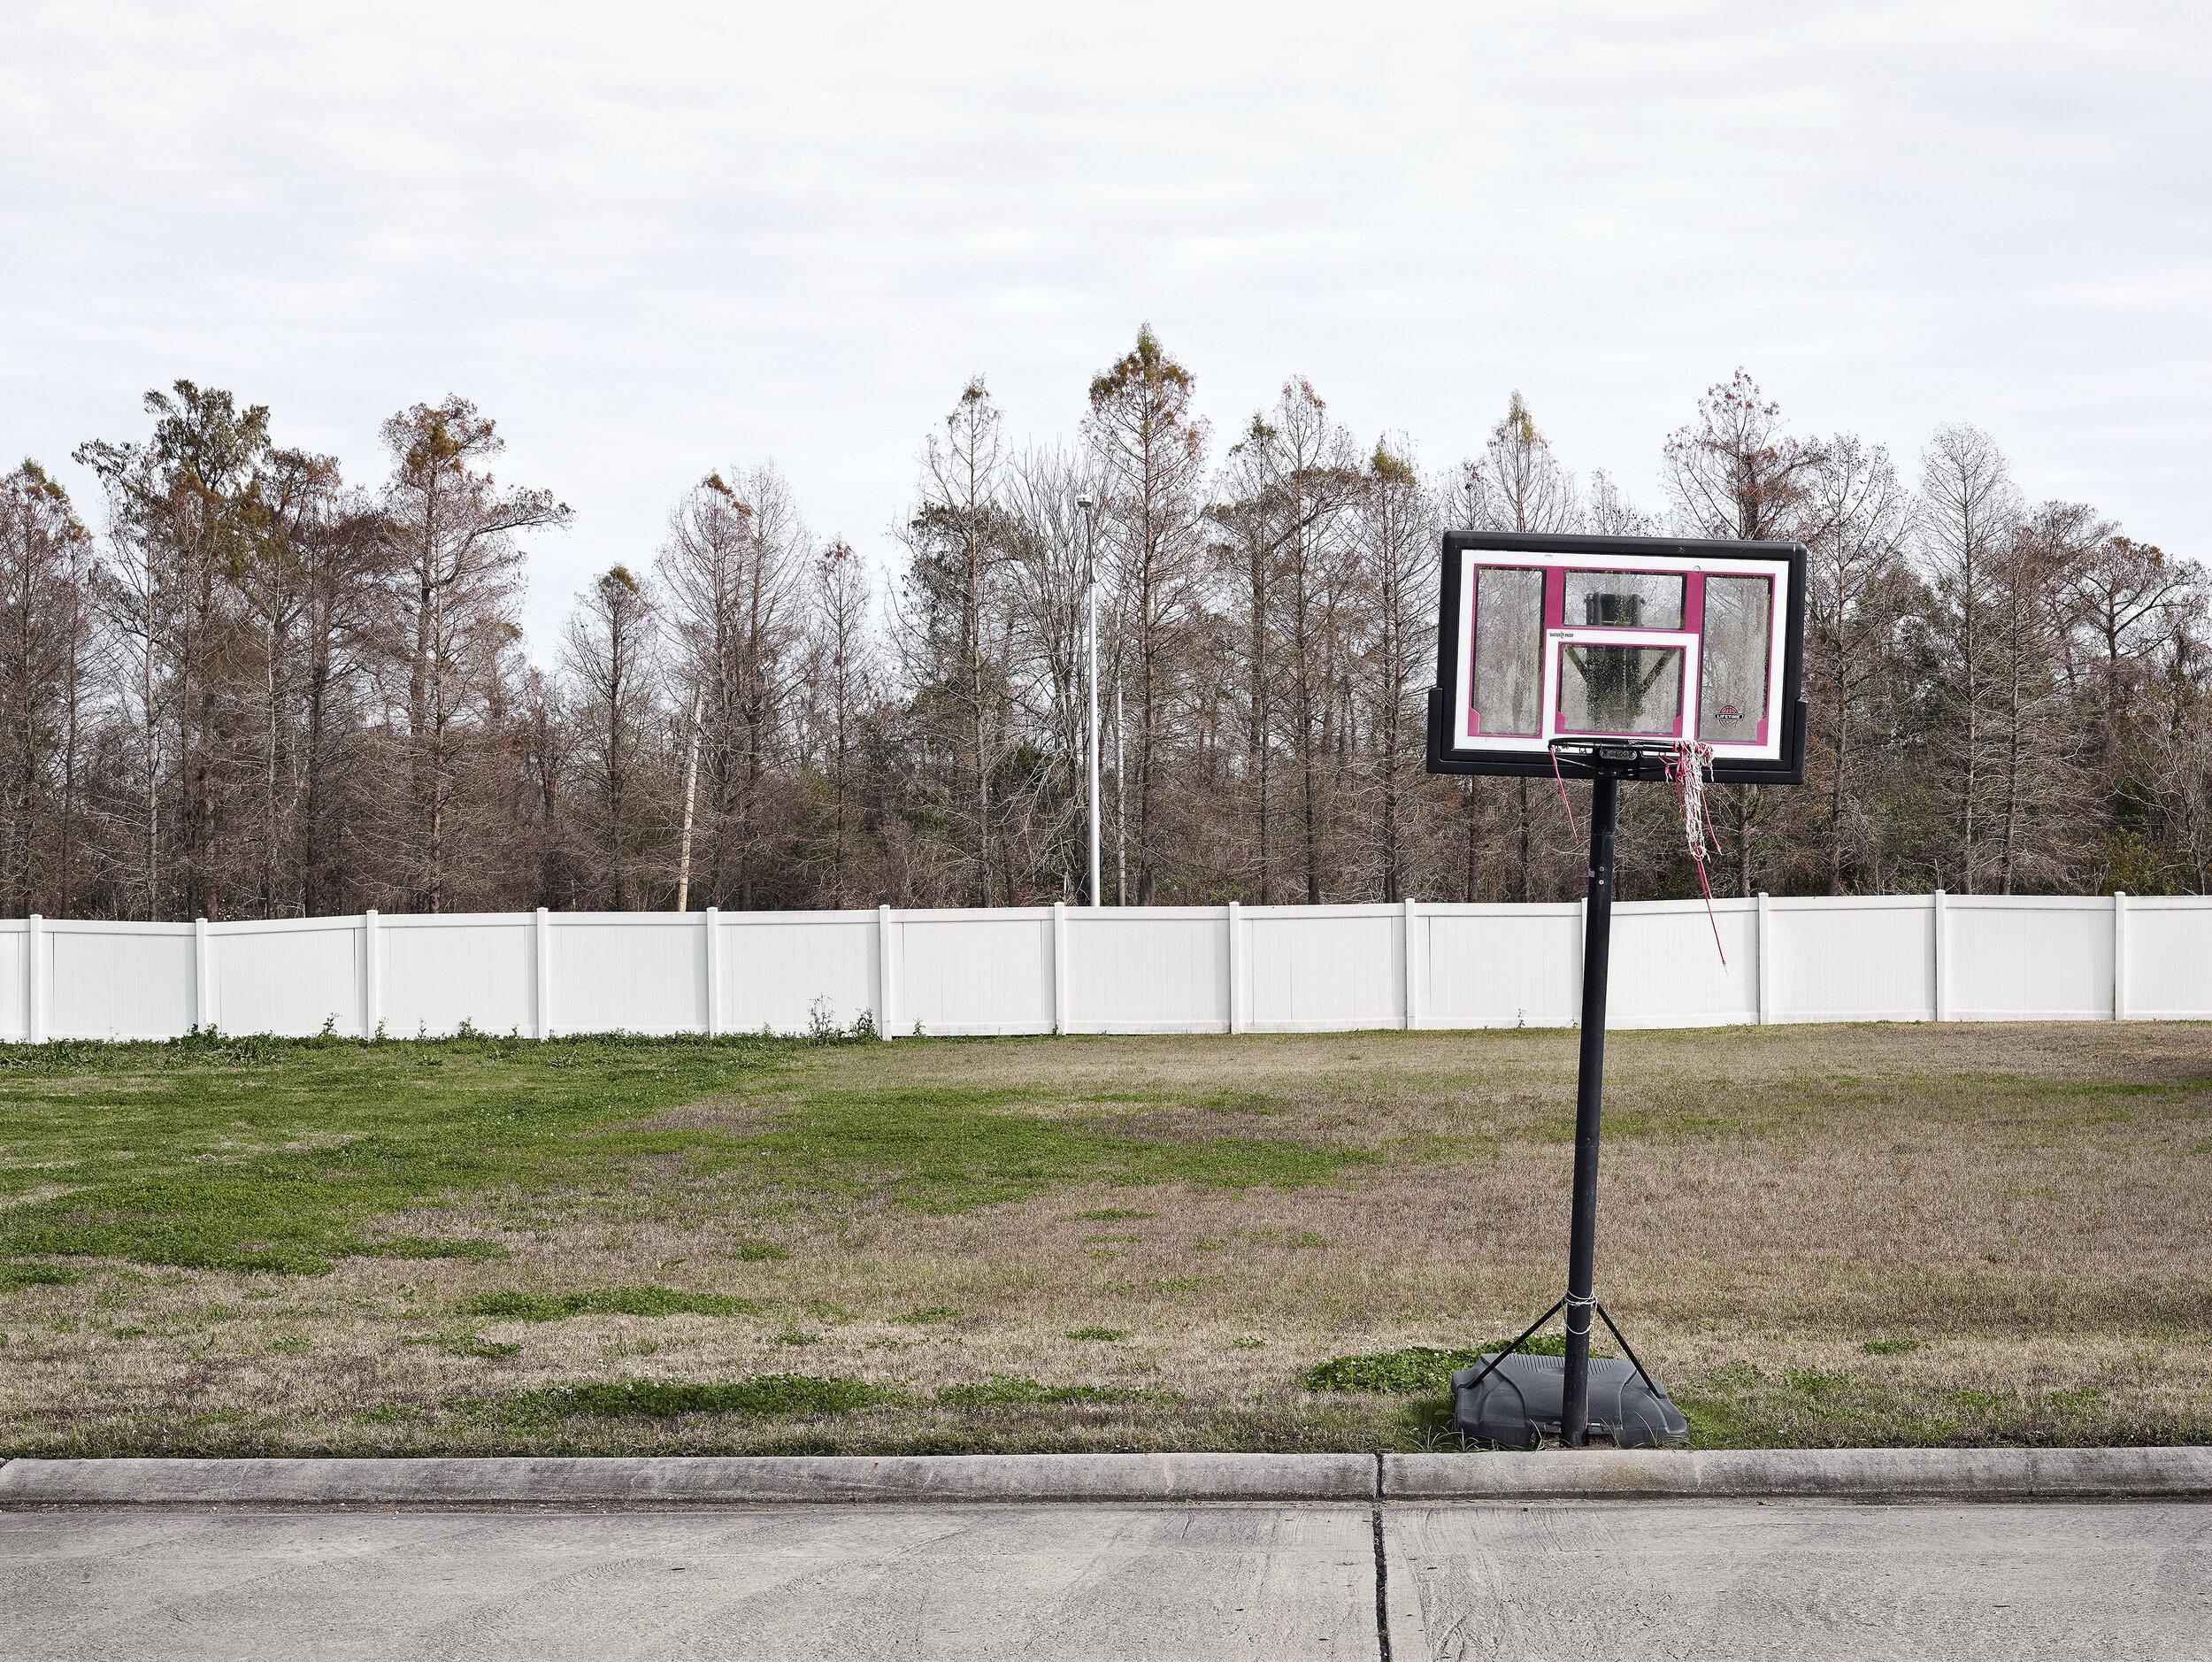 Basketball Net and Wall